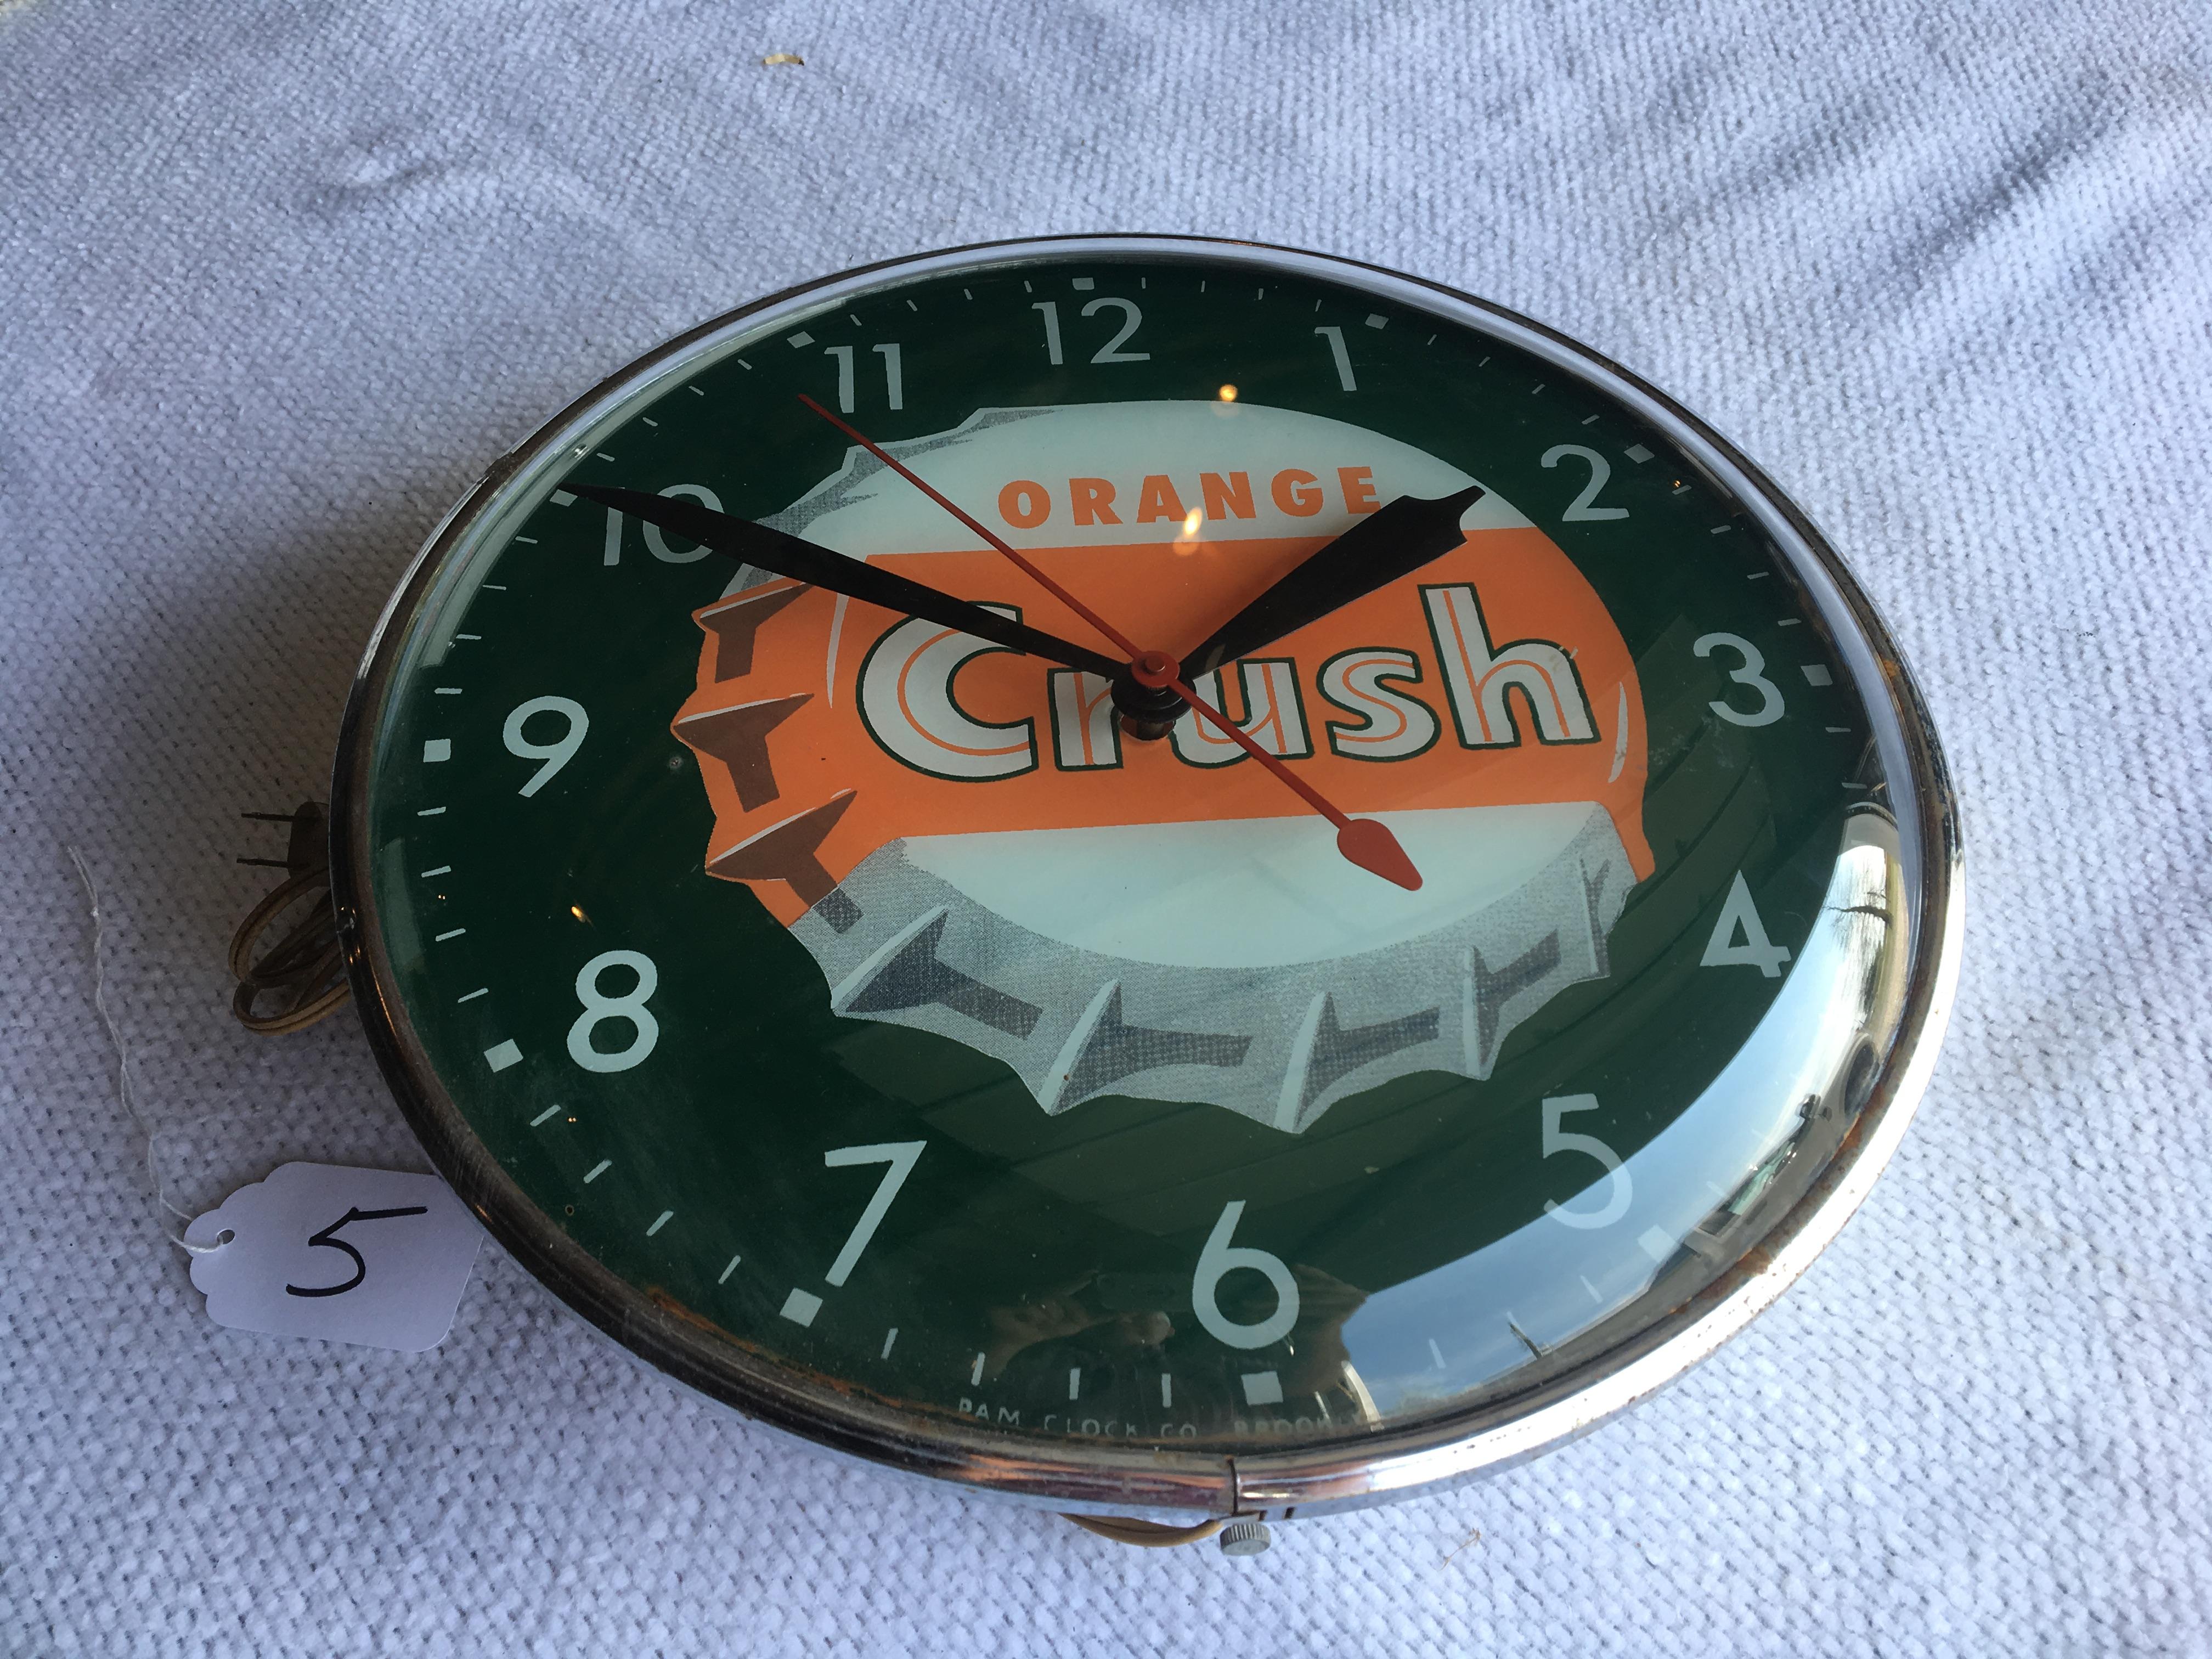 Lot 5 - Orange Crush Bubble Clock – Pam Clock Company, Brooklyn, NY